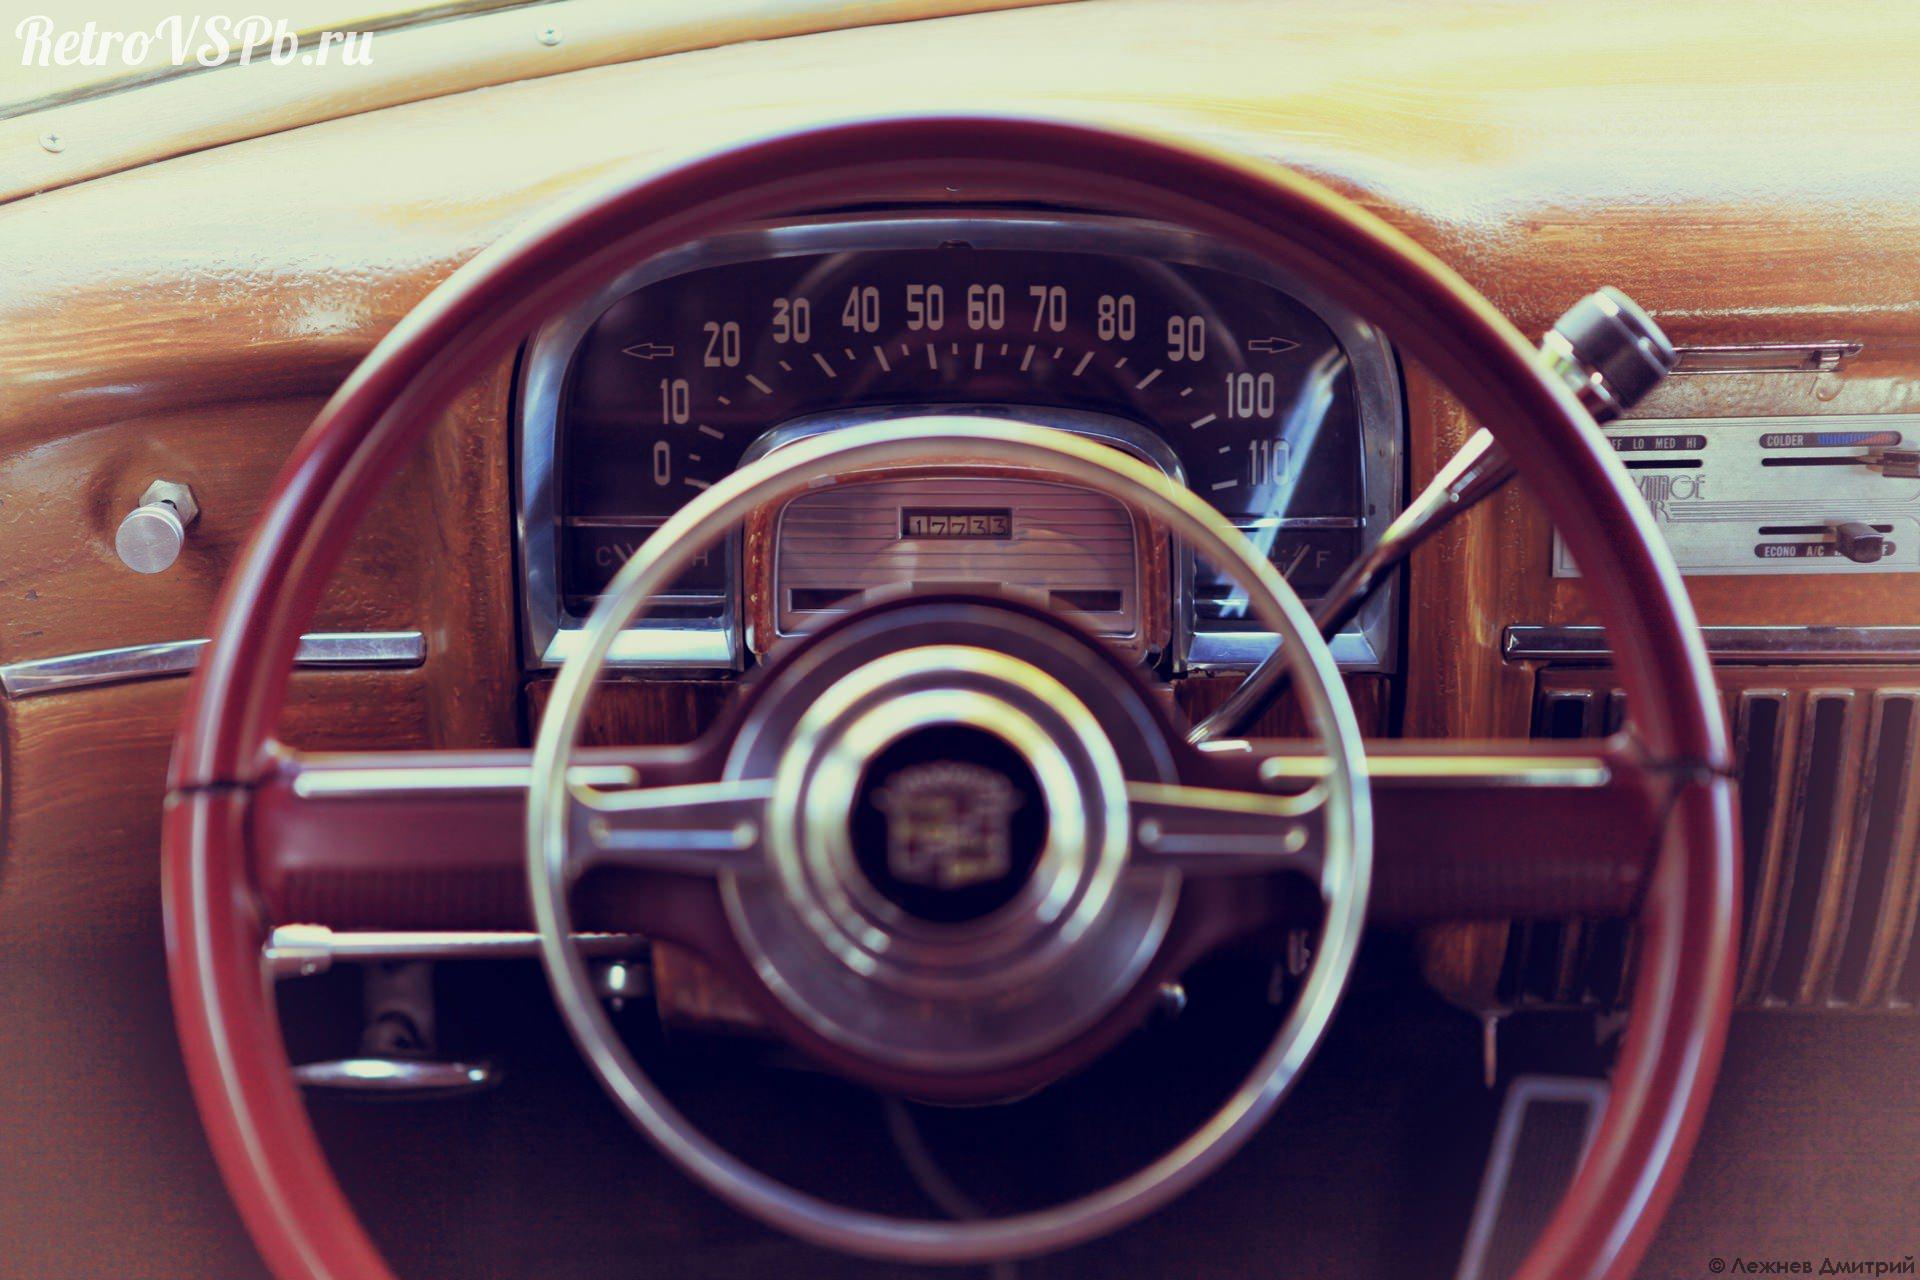 1951 Adillac Cadillac Fleetwood 60 Special Fleetwood1951